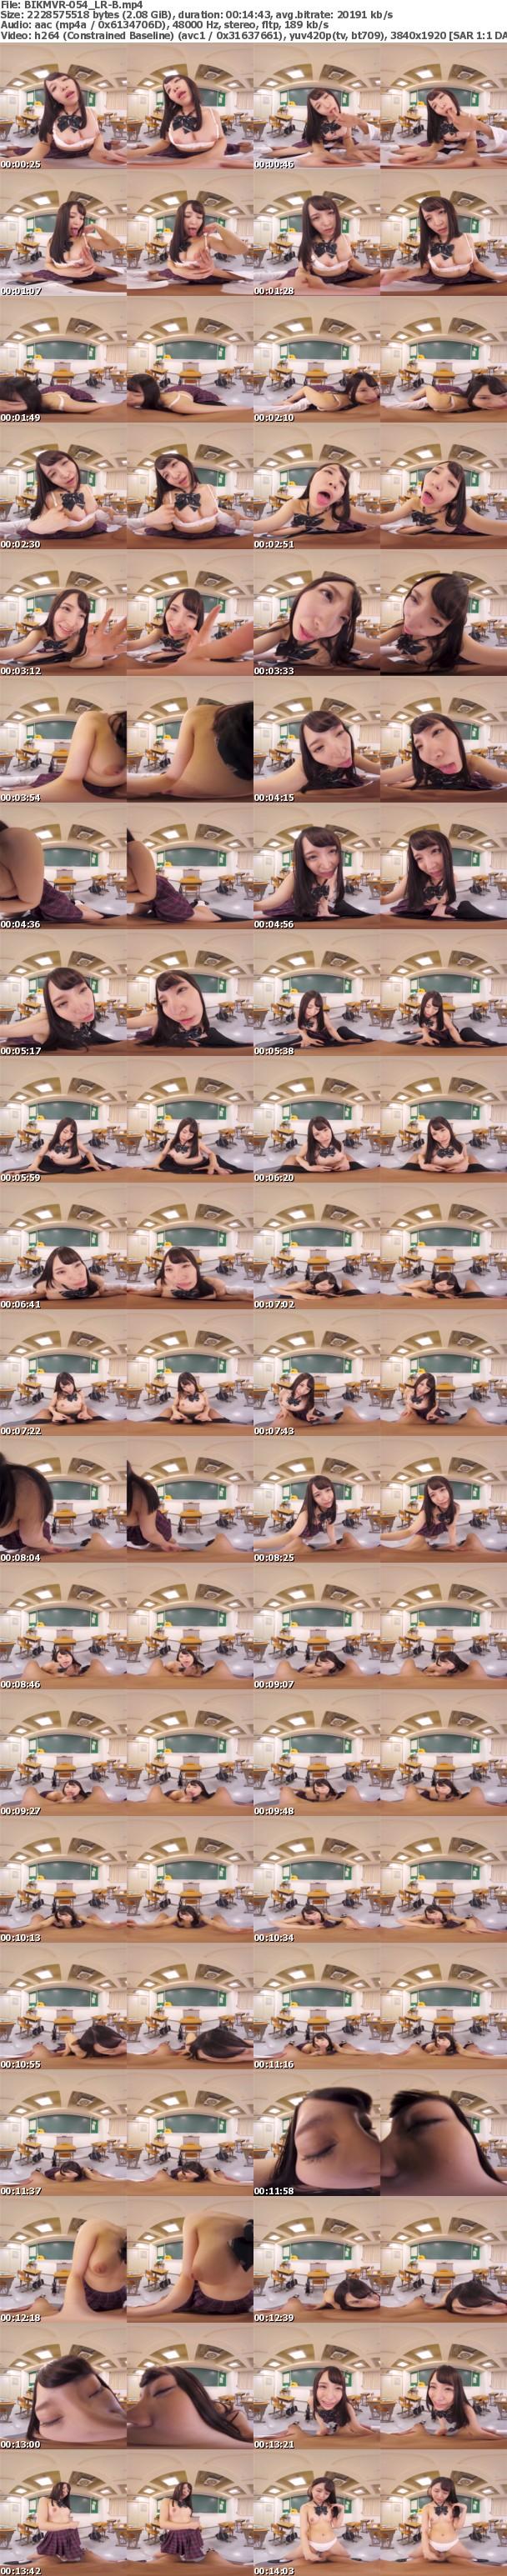 (VR) BIKMVR-054 【お買い得オムニバススペシャル!!】VR長尺超高画質60fps 一見真面目な黒髪でメガネの地味な「女子●生」と「女教師」は超エロい!!…